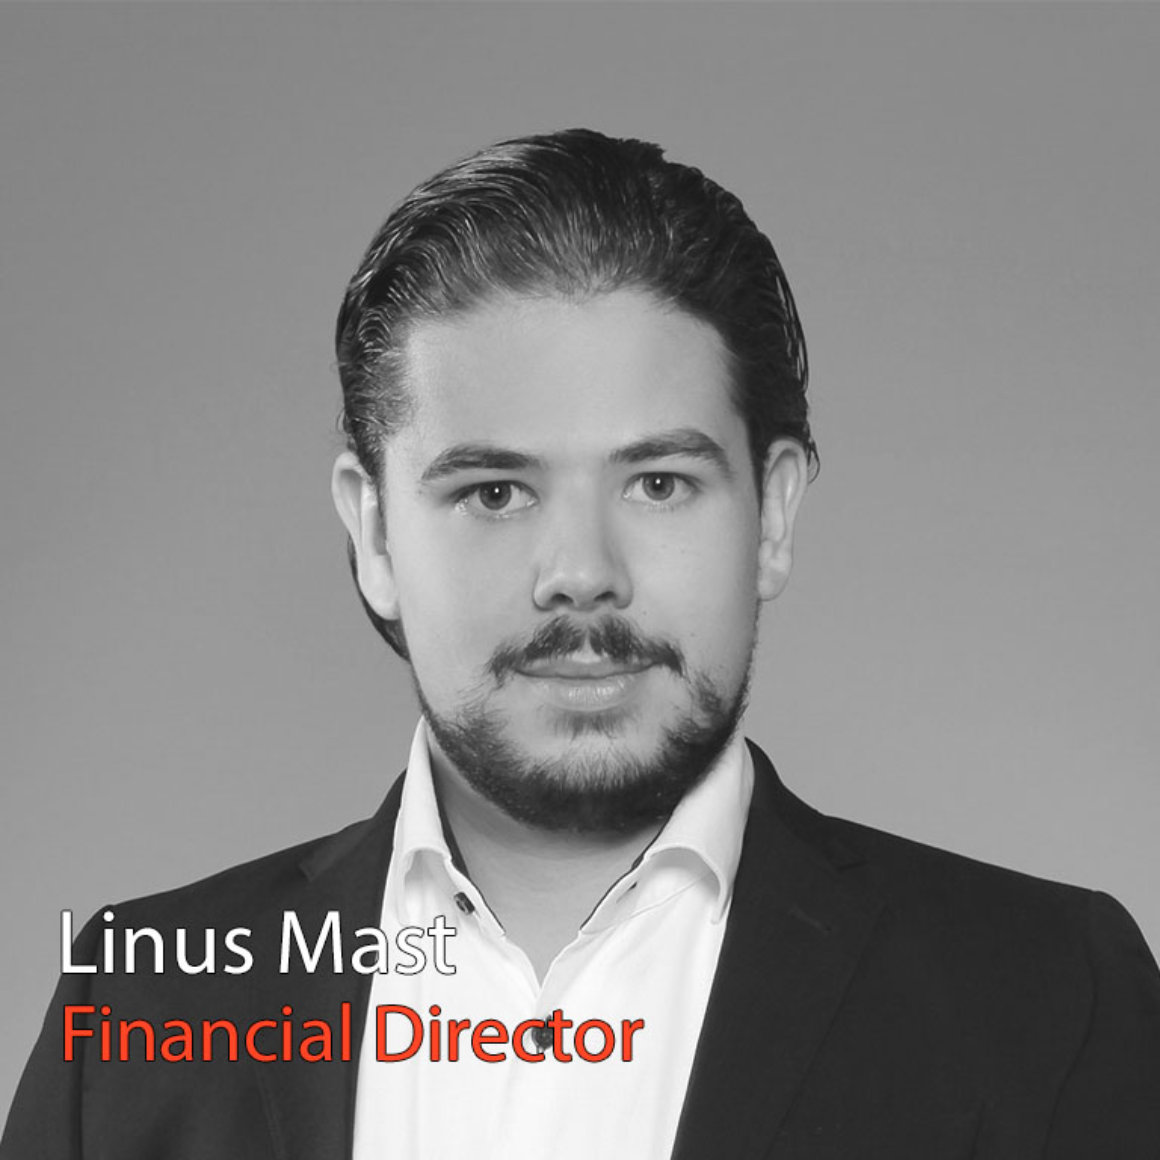 Linus sw